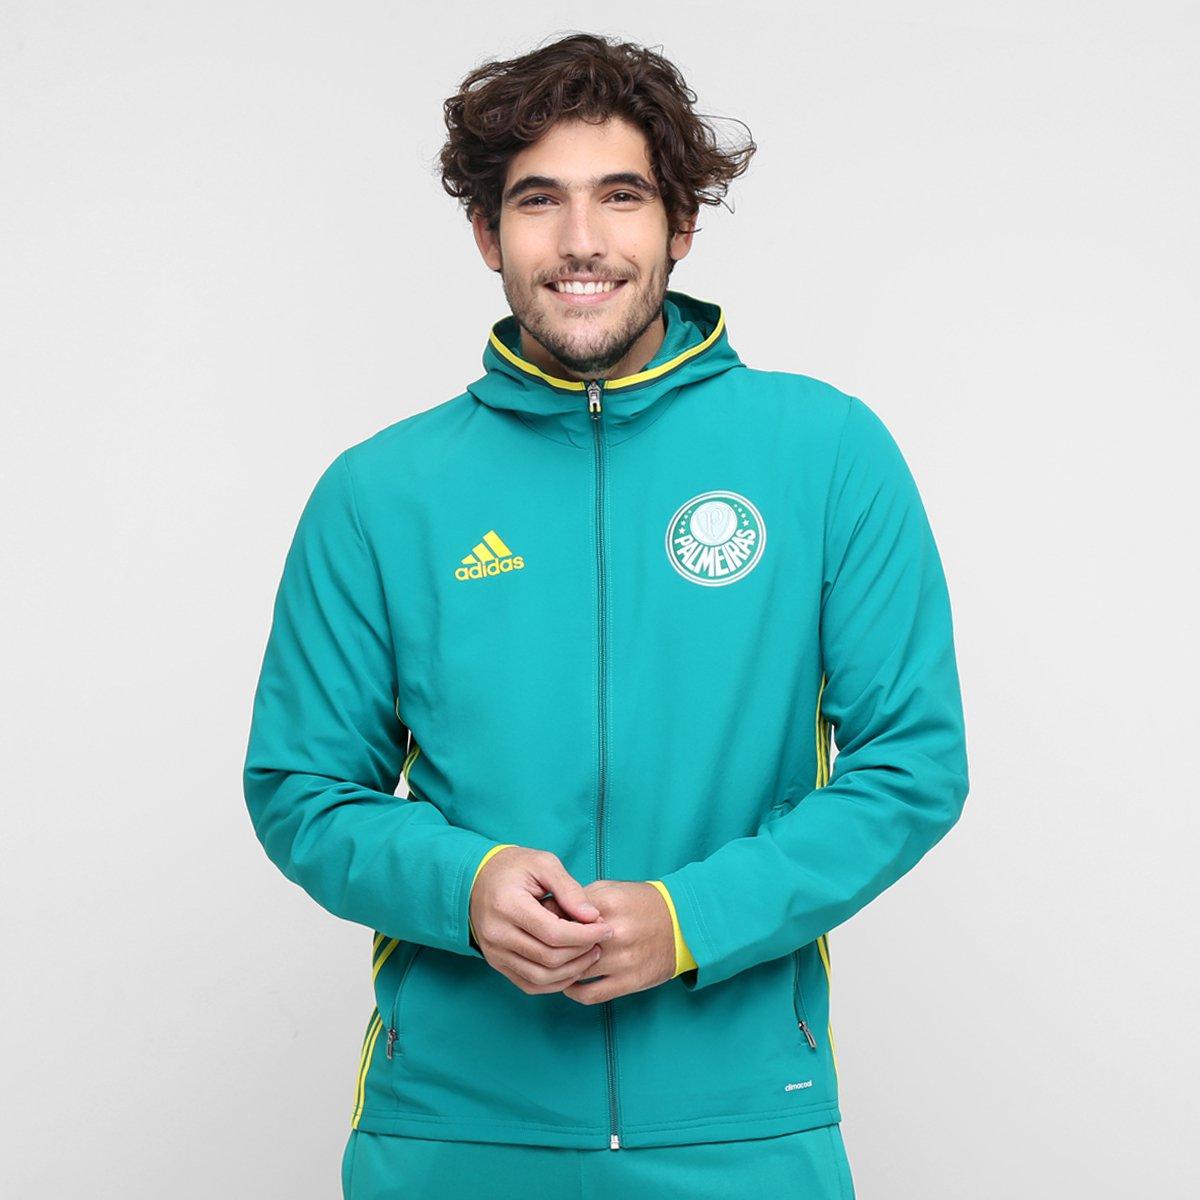 Agasalho Adidas Palmeiras Viagem - Compre Agora  c71a22e838e0f